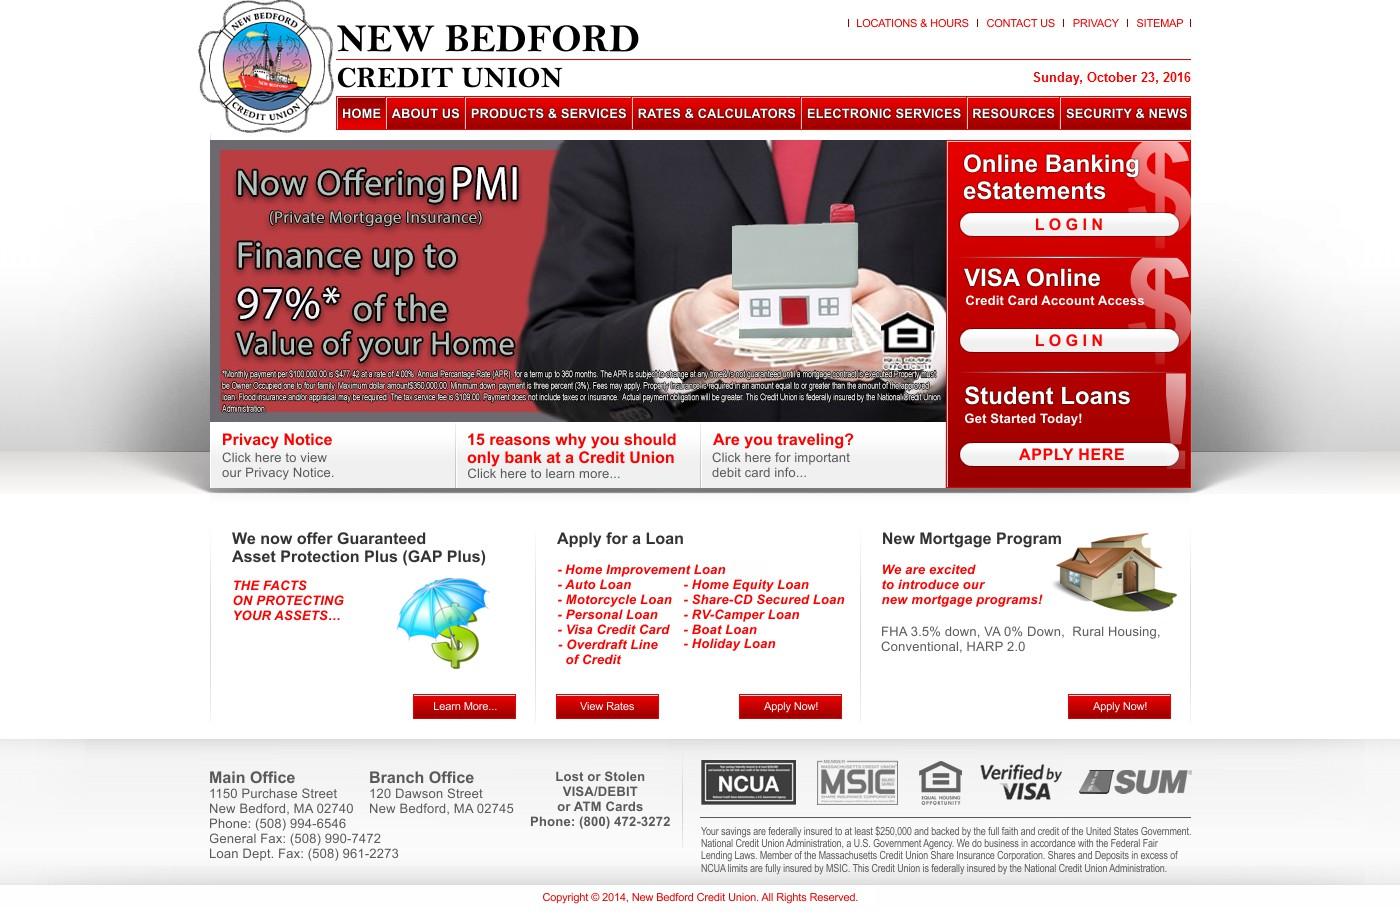 New Bedford CU